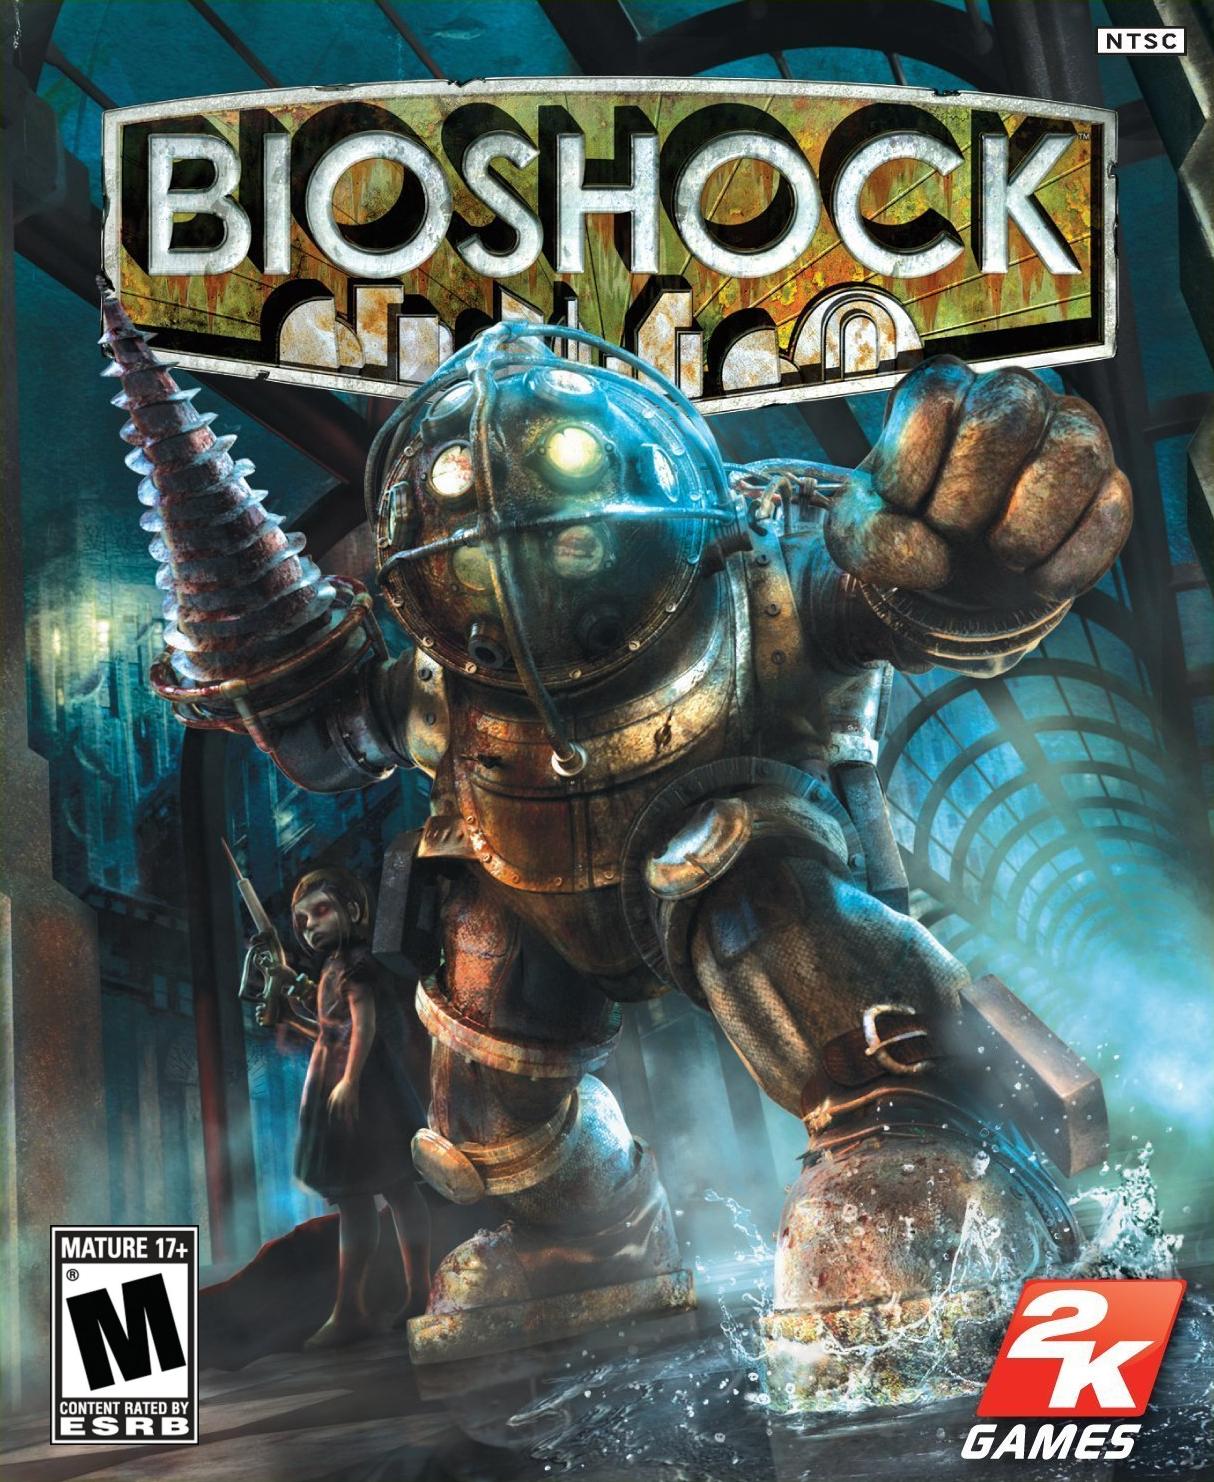 [Image: BioShock_box.png]